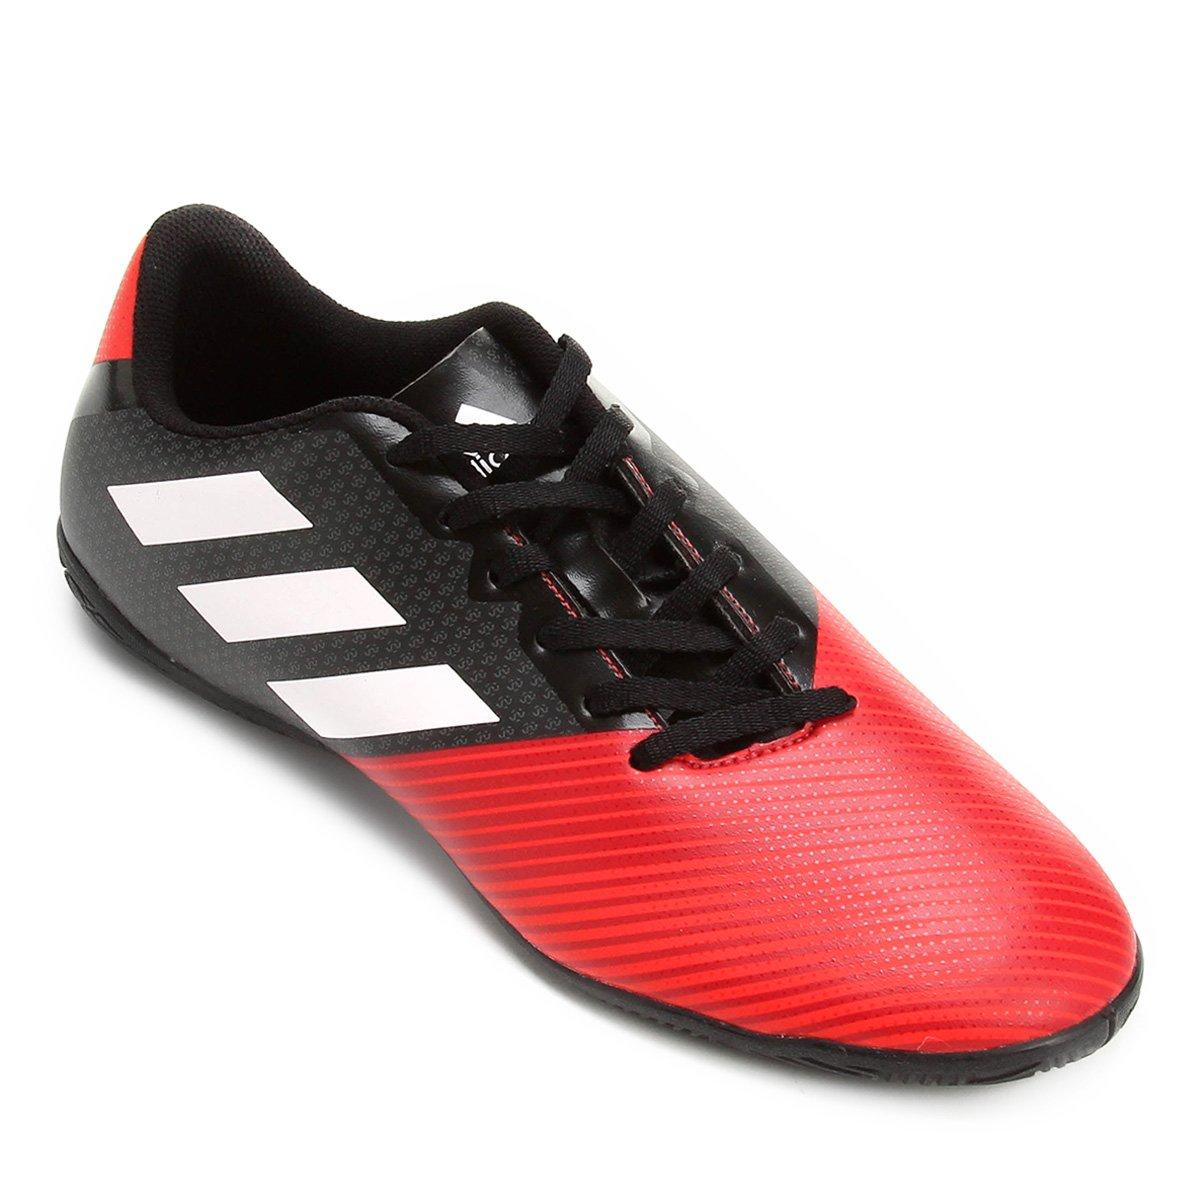 Chuteira Futsal Adidas Artilheira 17 IN - Preto e Vermelho - Compre ... 0d21f116aece1